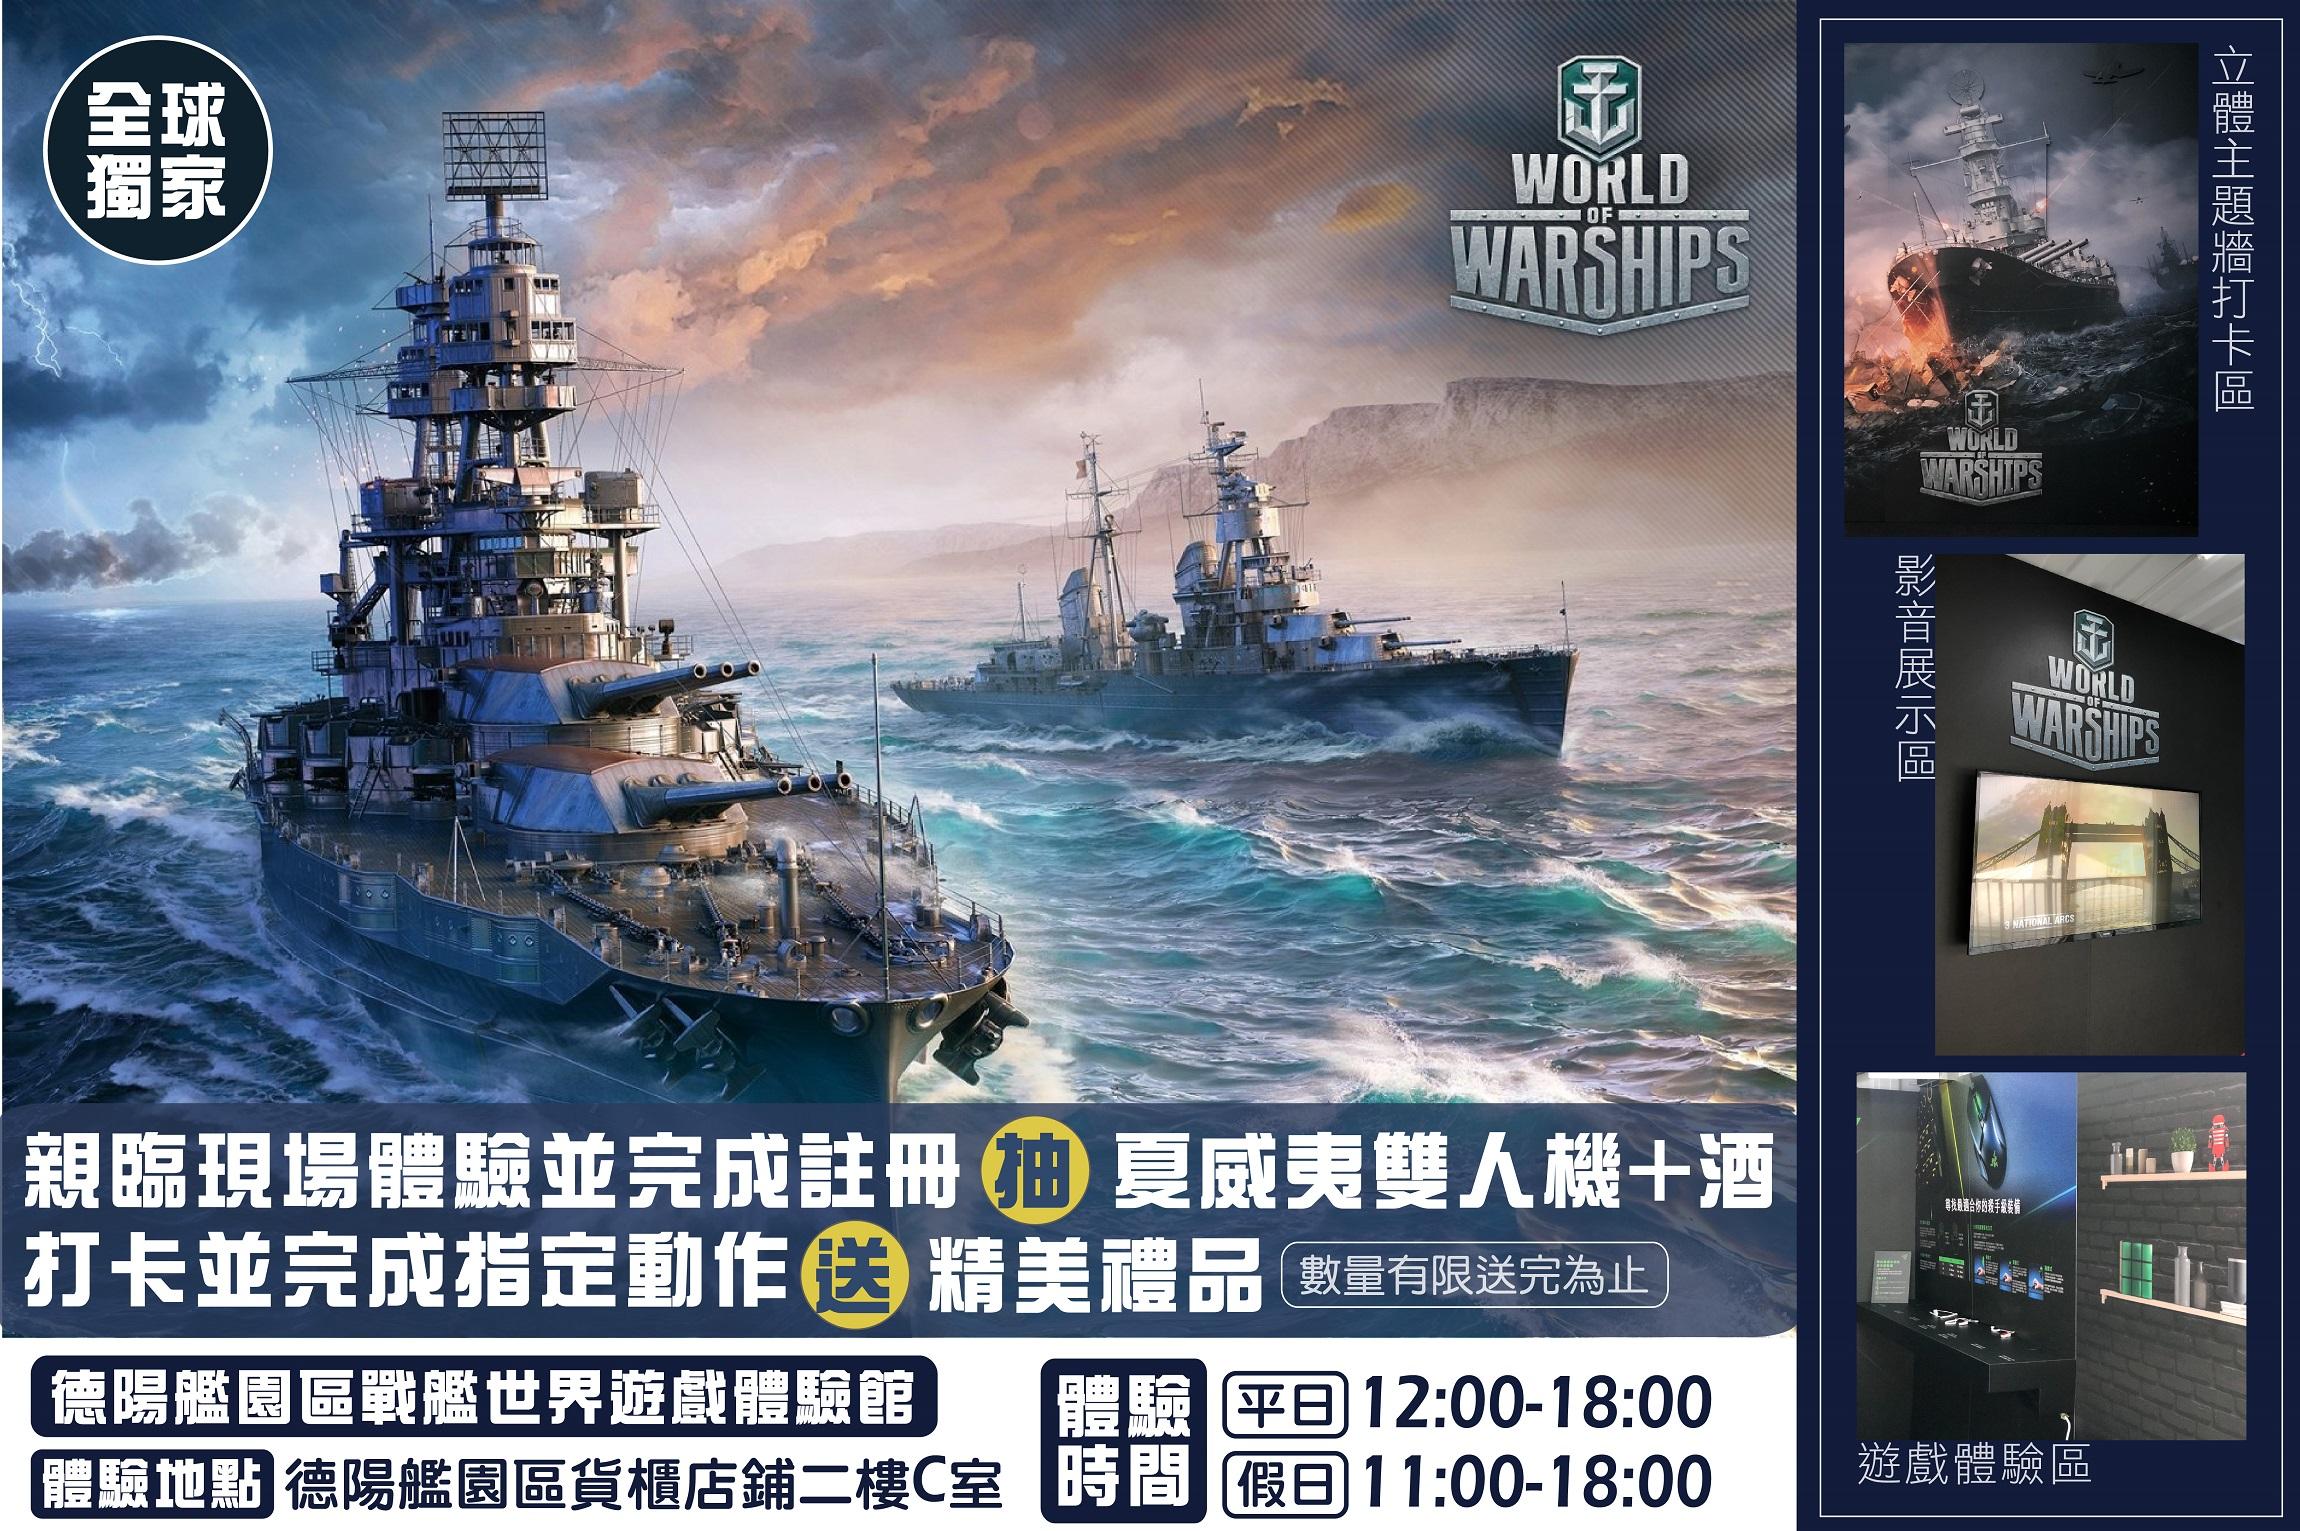 德陽軍艦V.S.戰艦世界